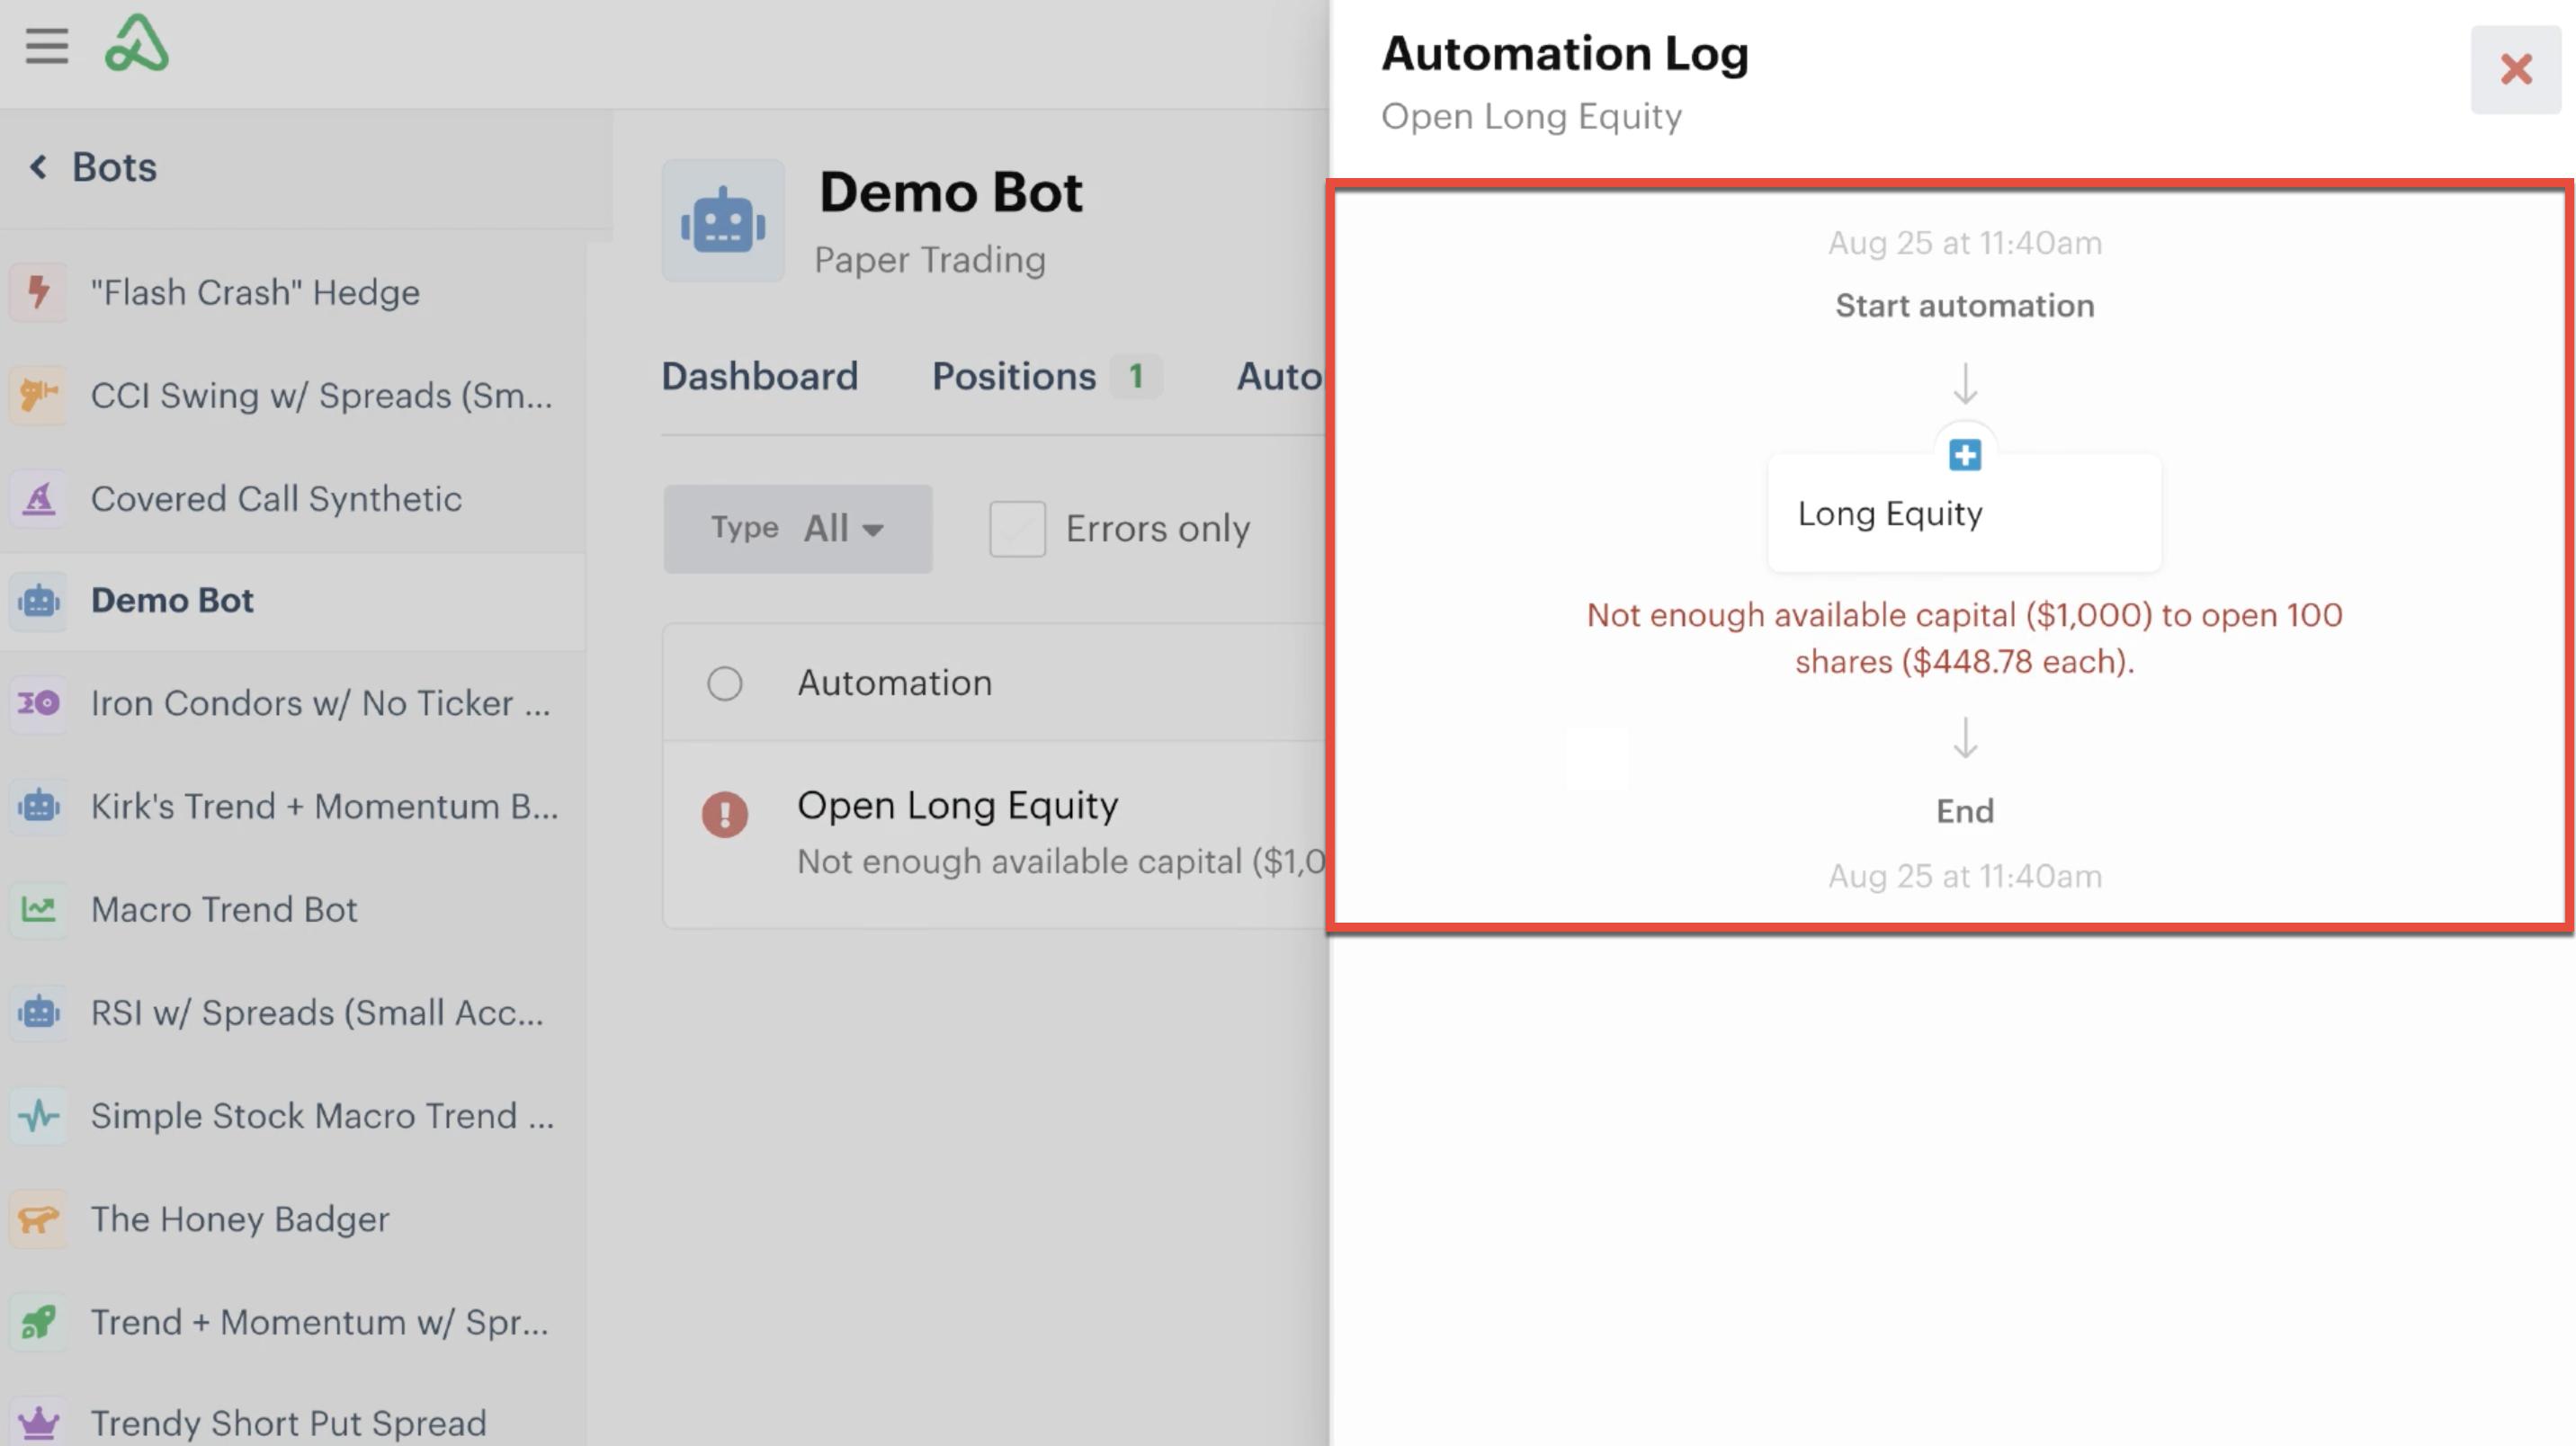 Automation log details